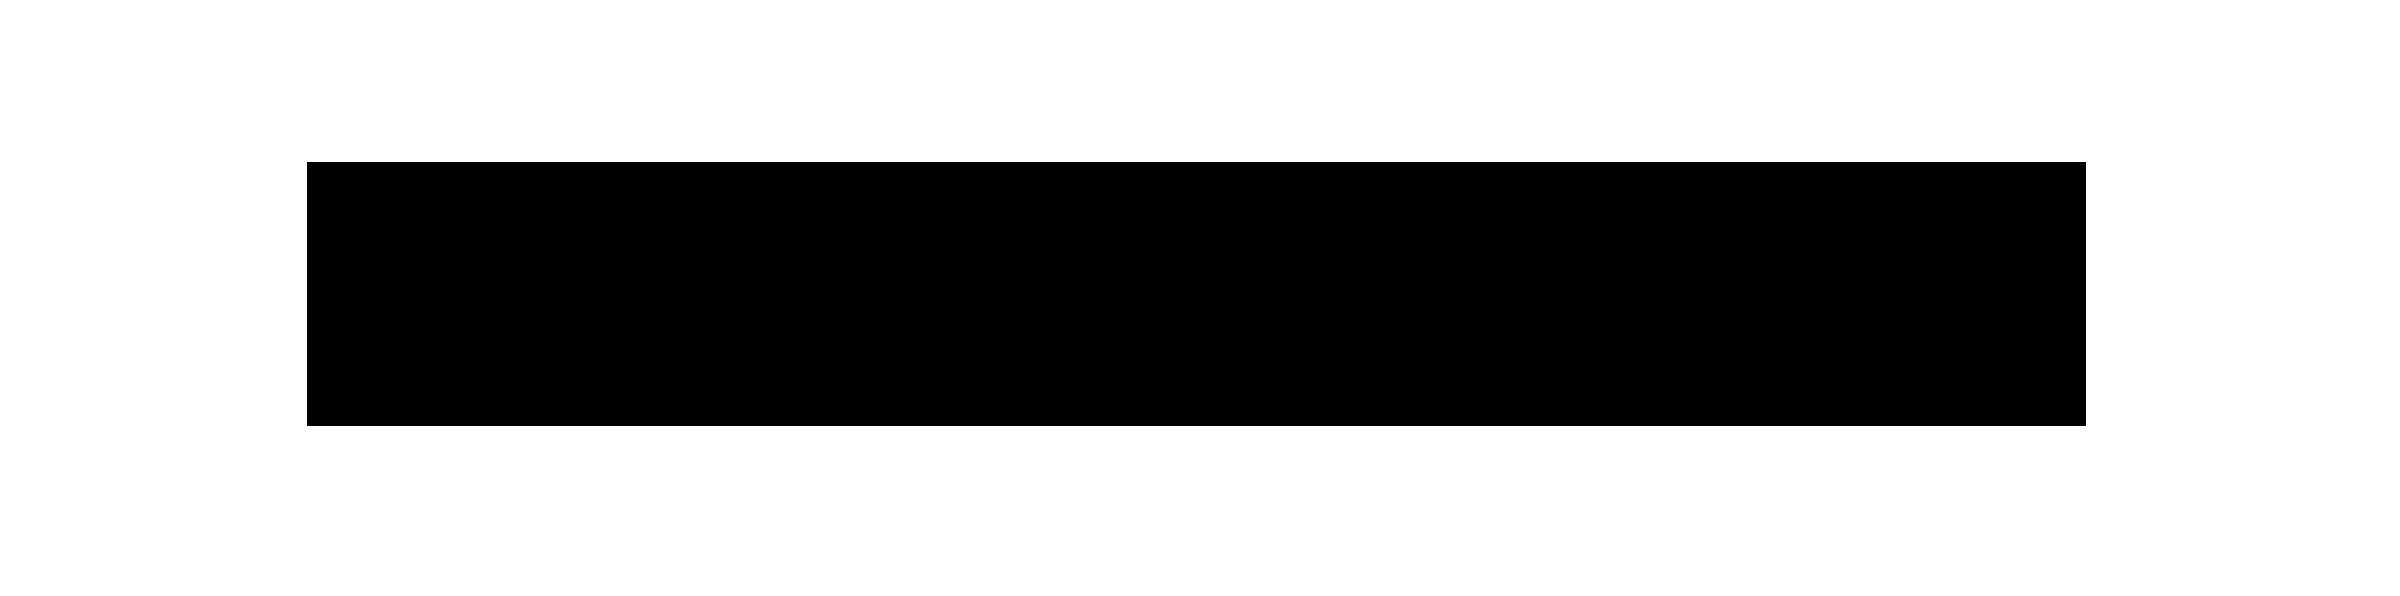 altvm logo2.png